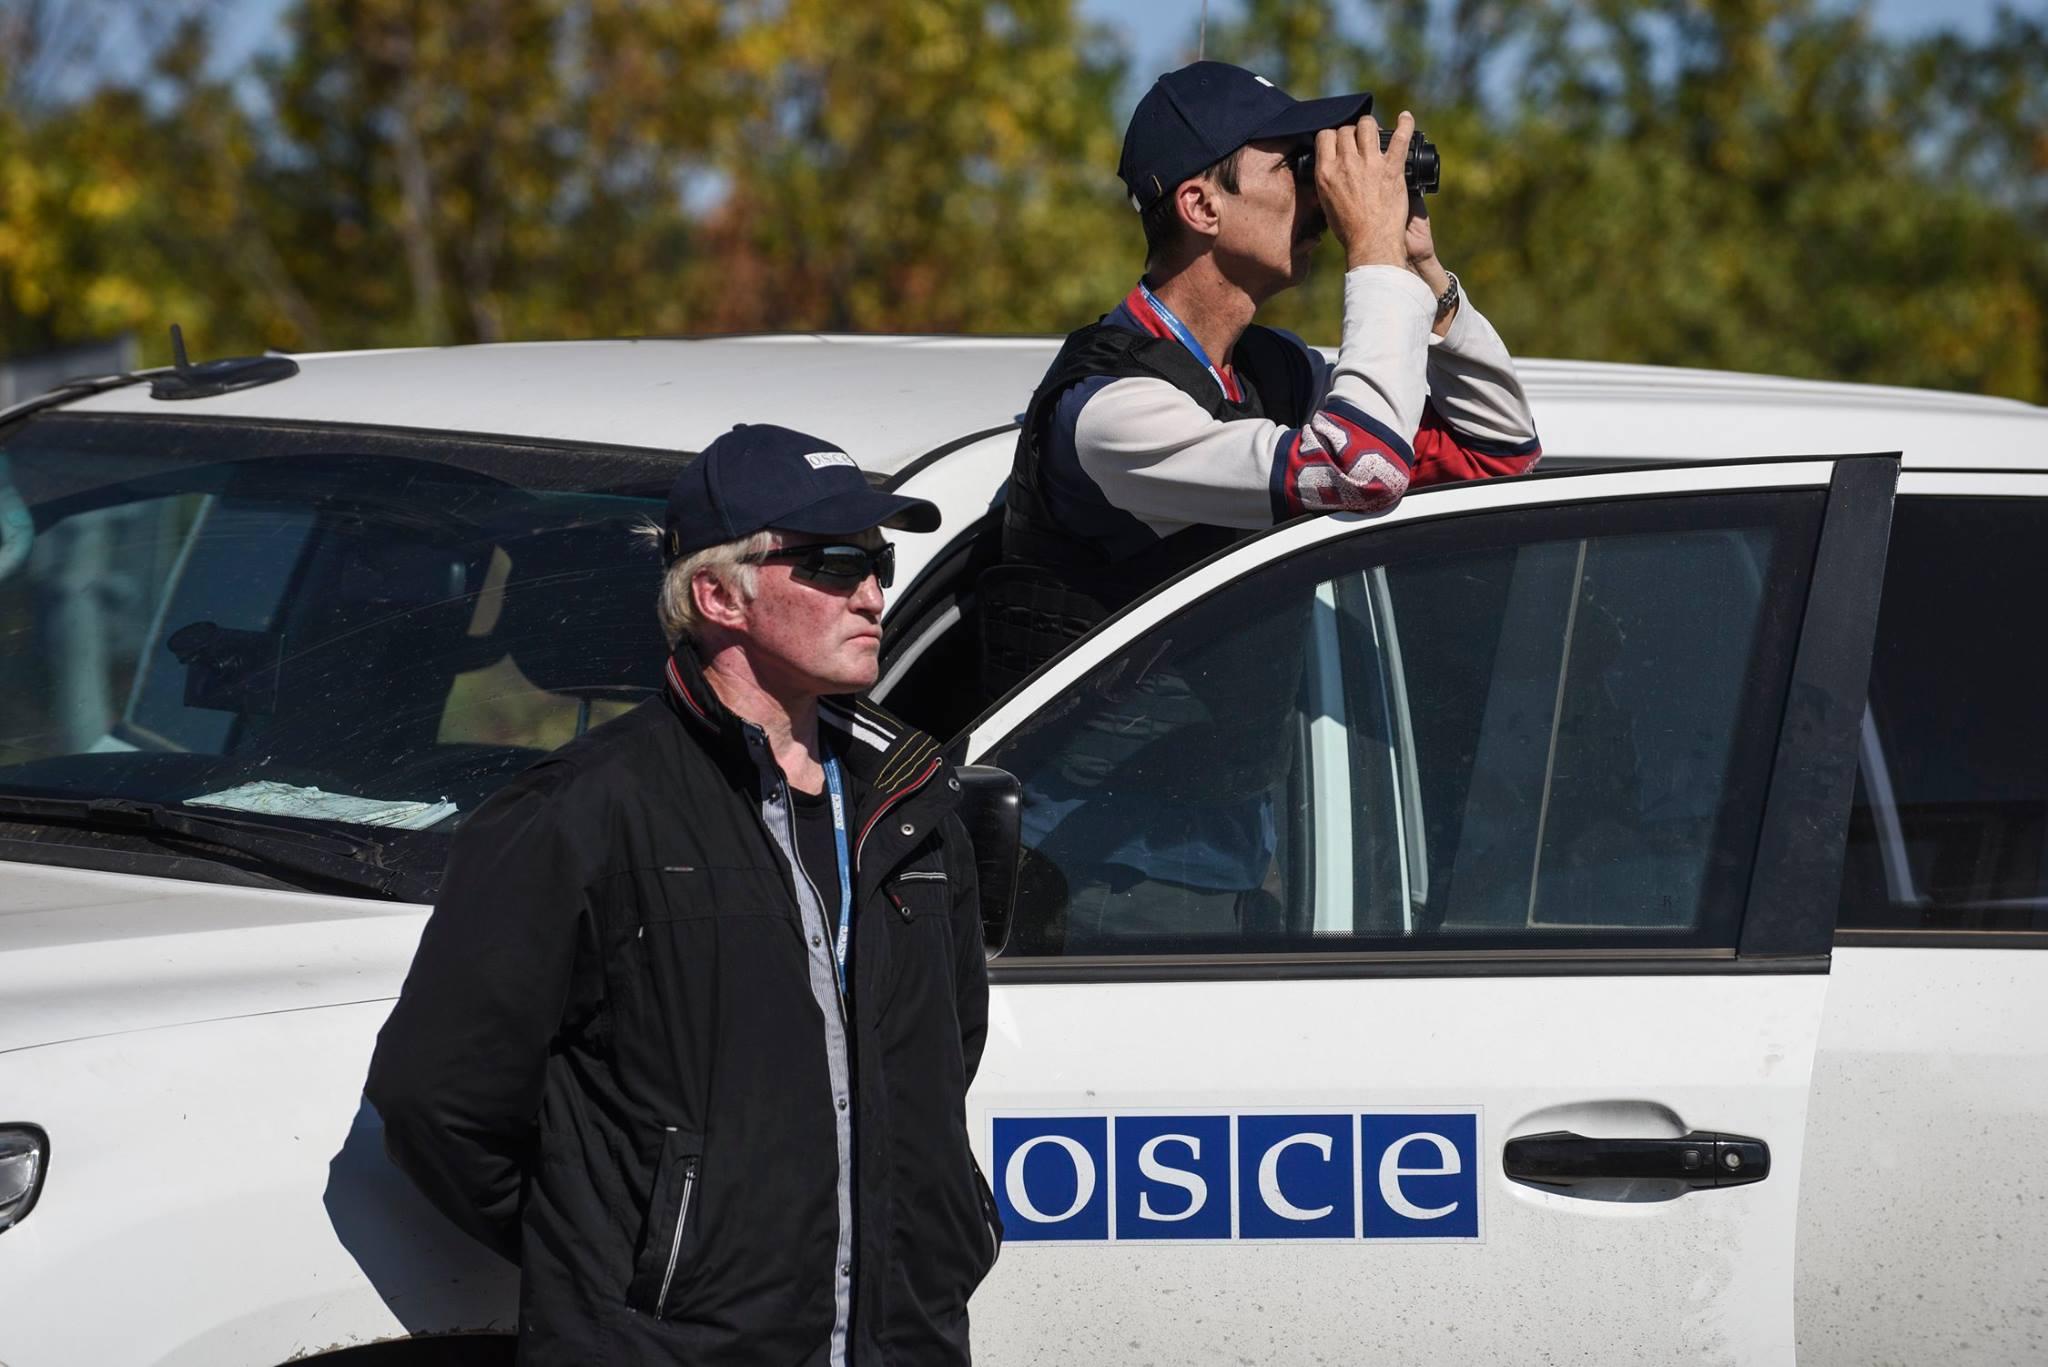 ОБСЕ официально подтвердила минометный обстрел автомобиля миссии